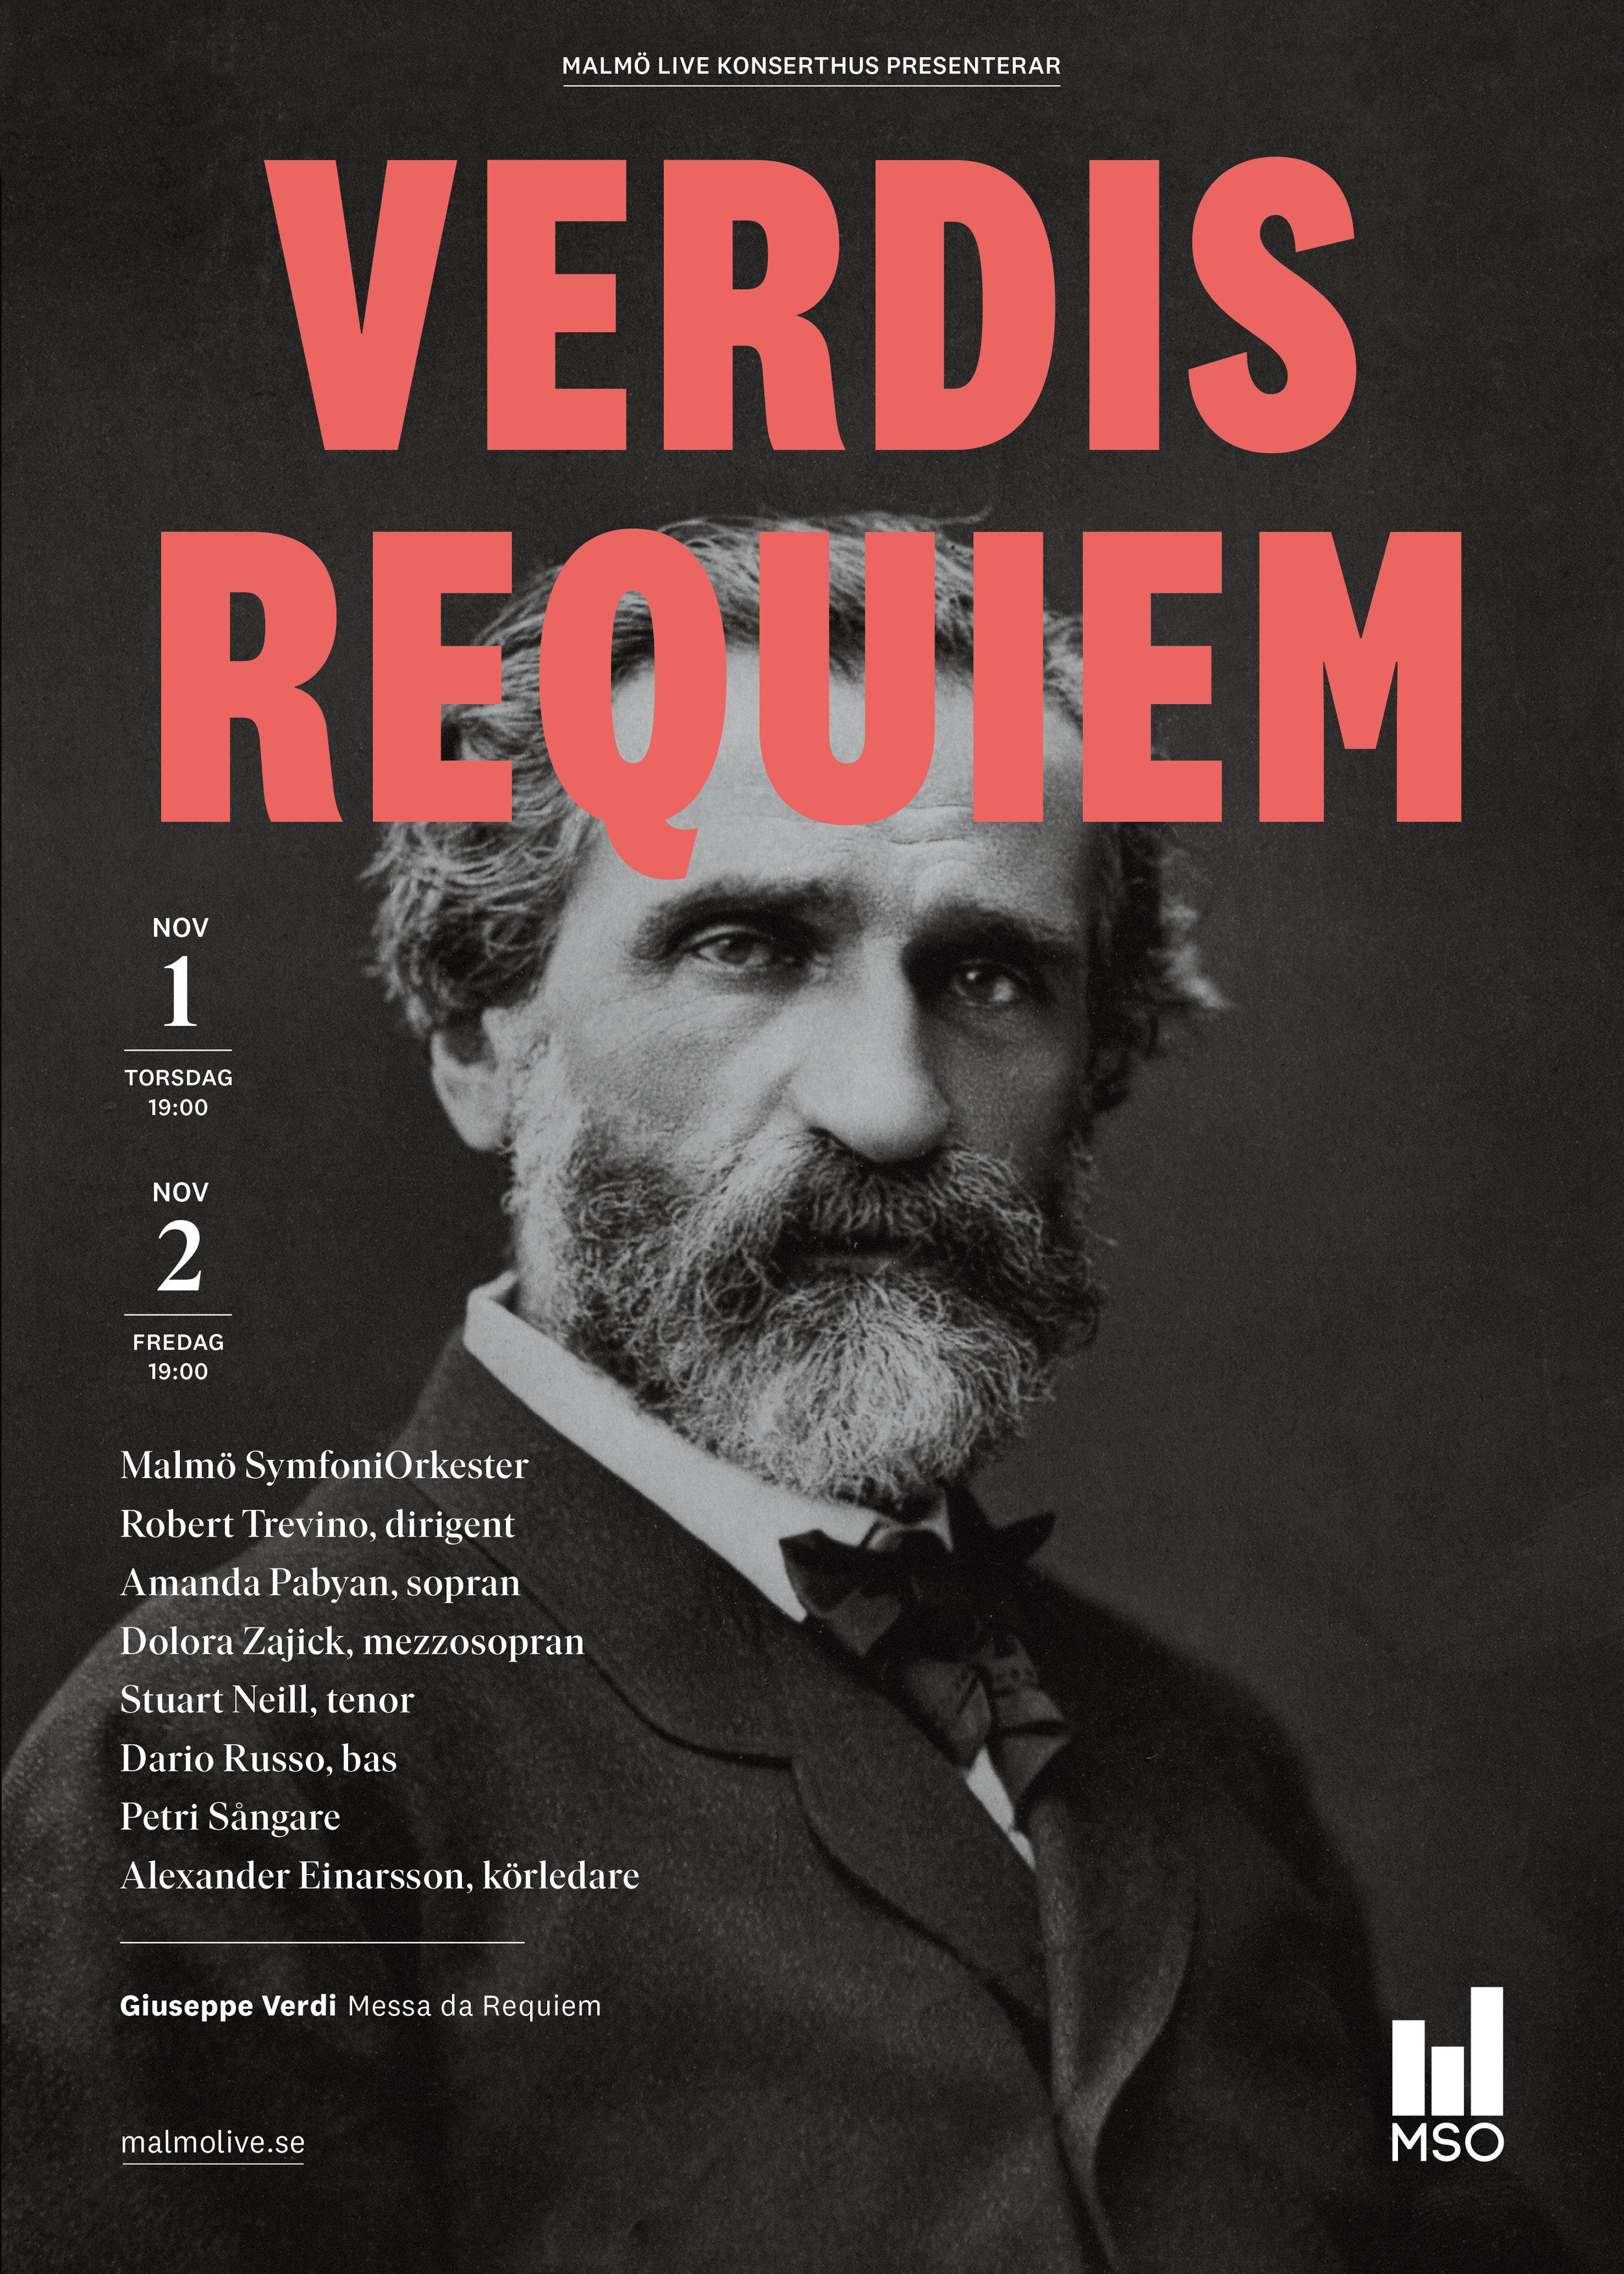 Verdis Requiem.jpg